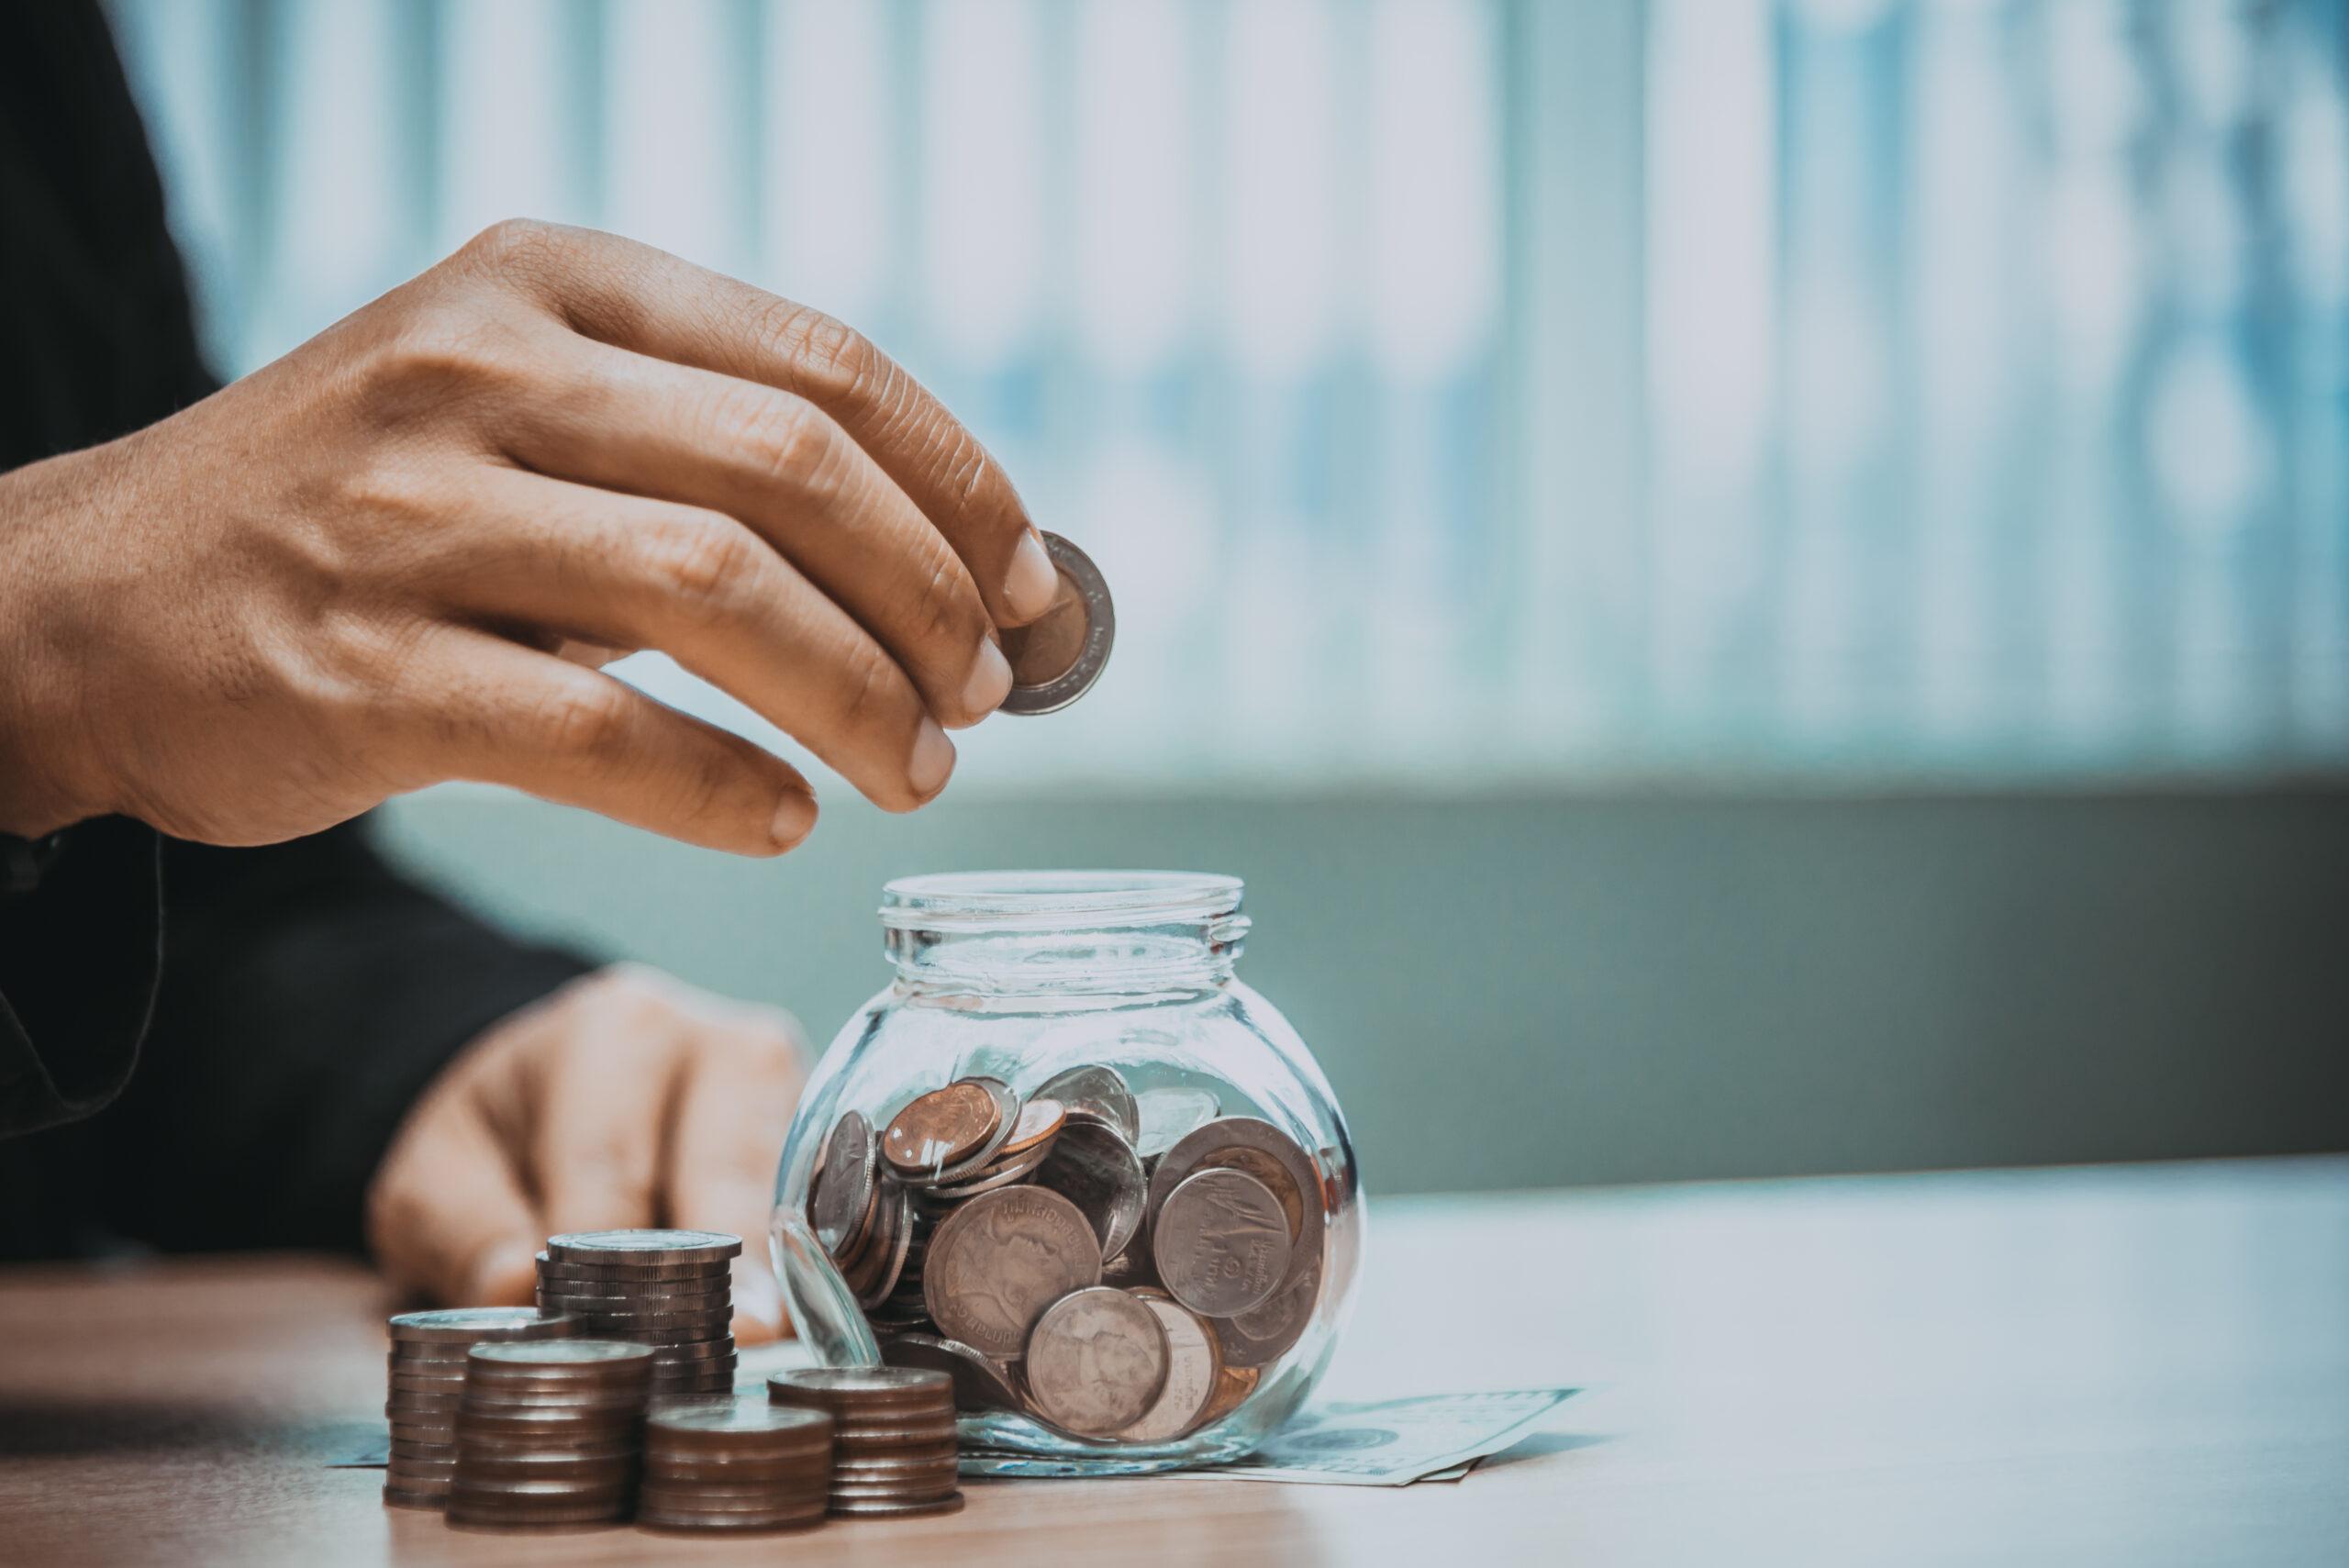 ライフプランと投資 その② 複利と税金を意識しよう